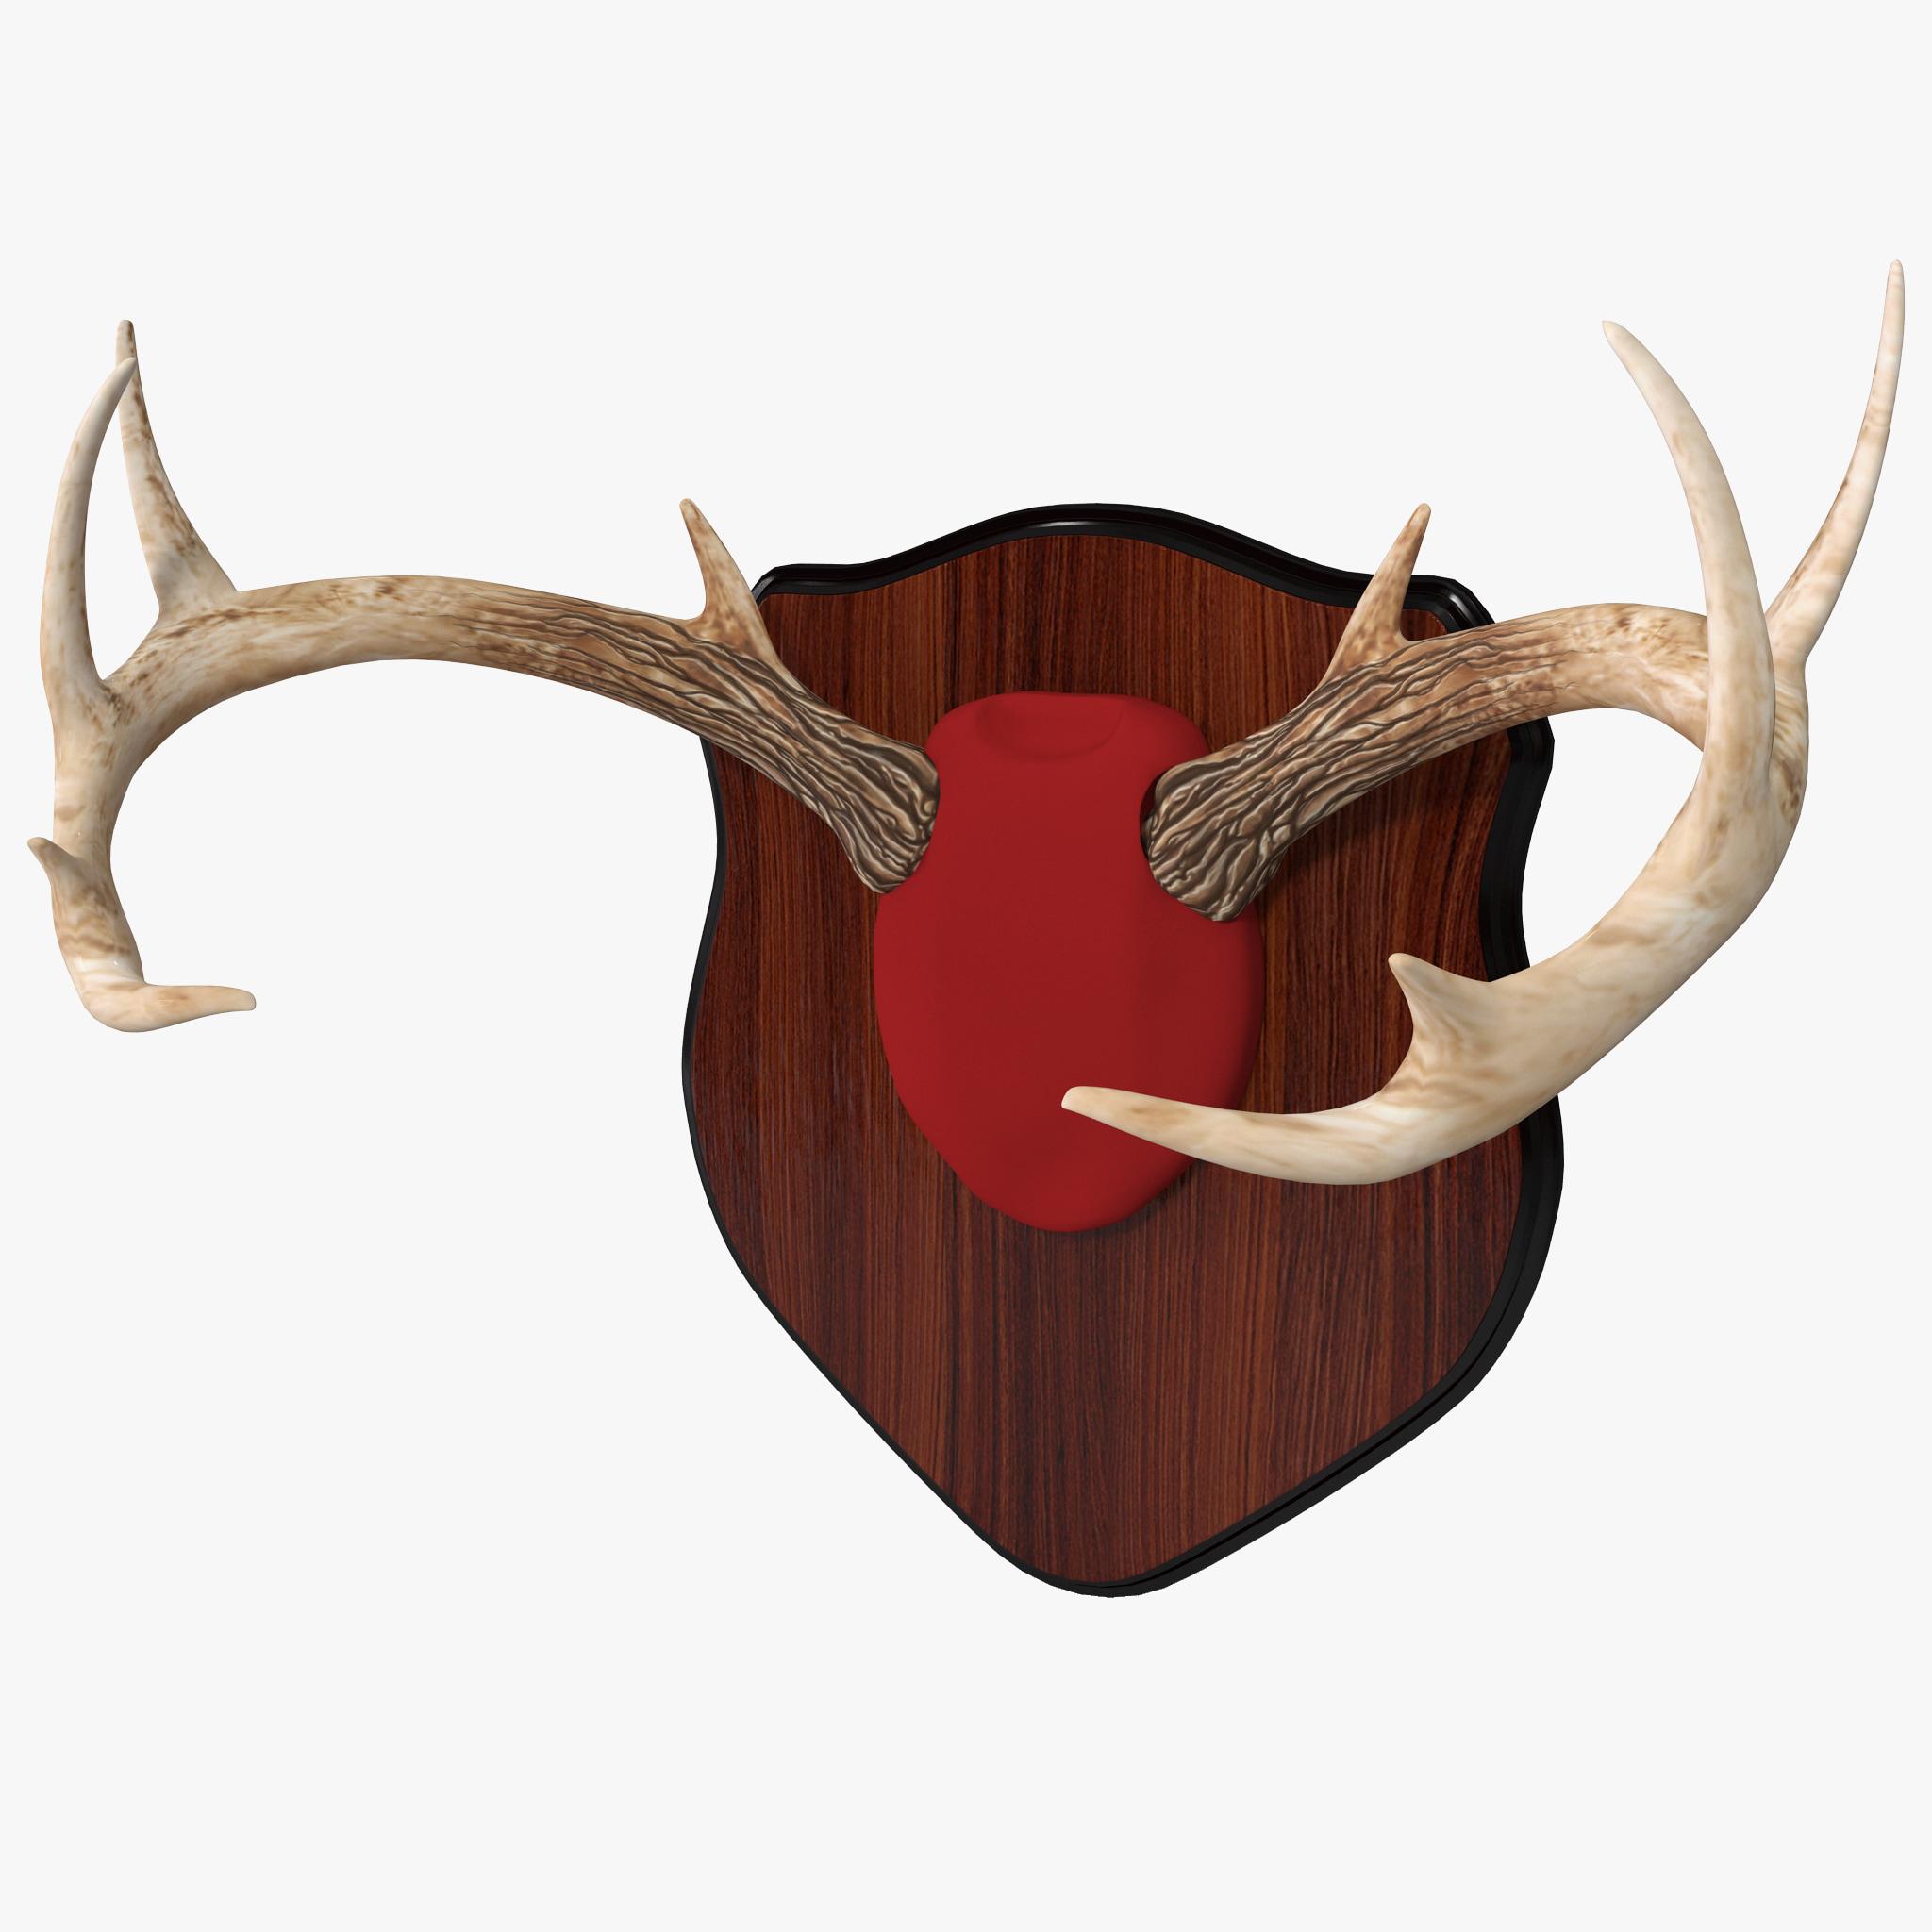 mounted deer antlers 3d model